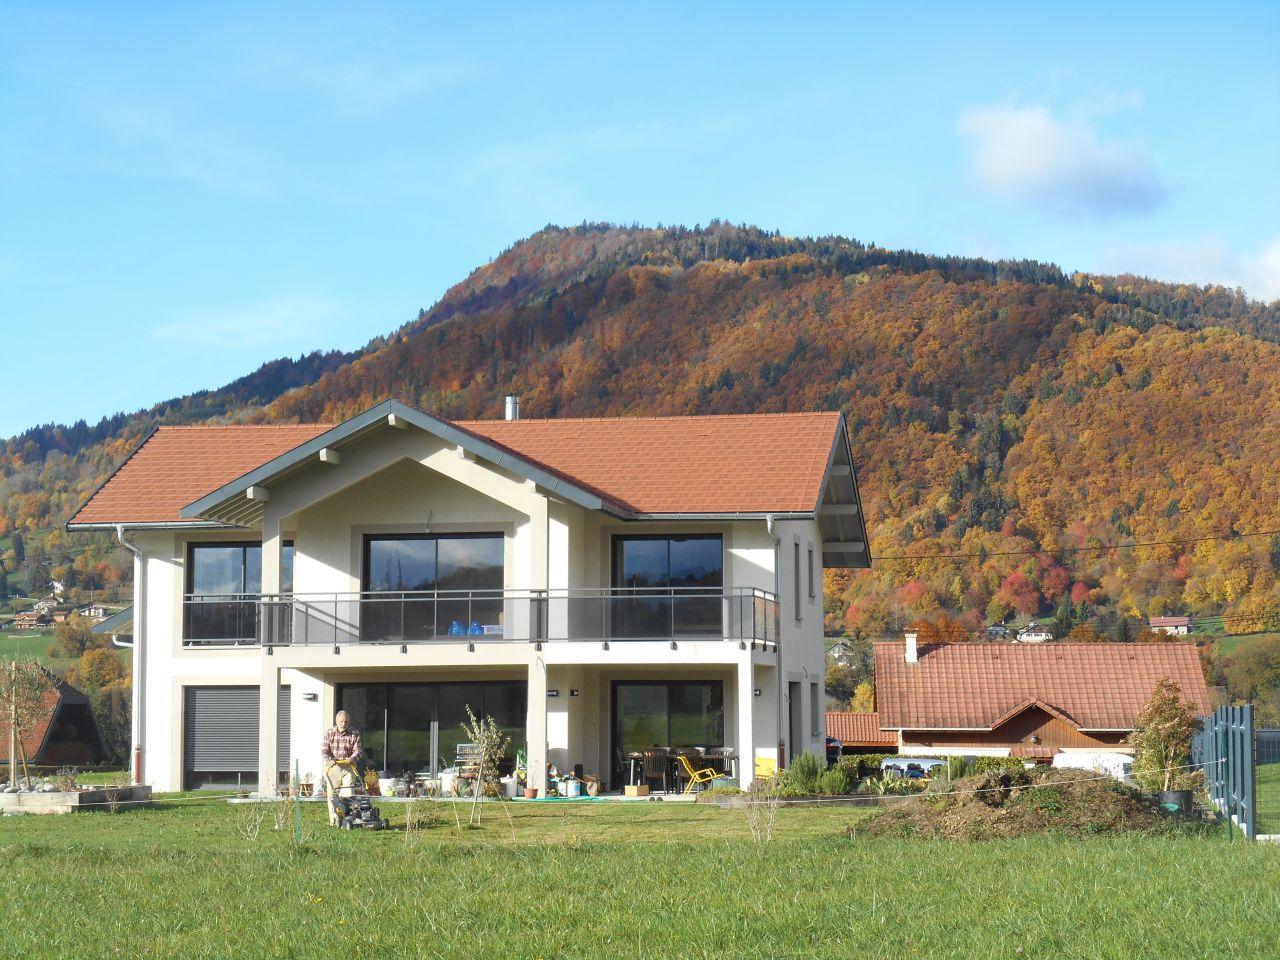 Déco générale du jardin - Haute Savoie (74) - octobre 2015